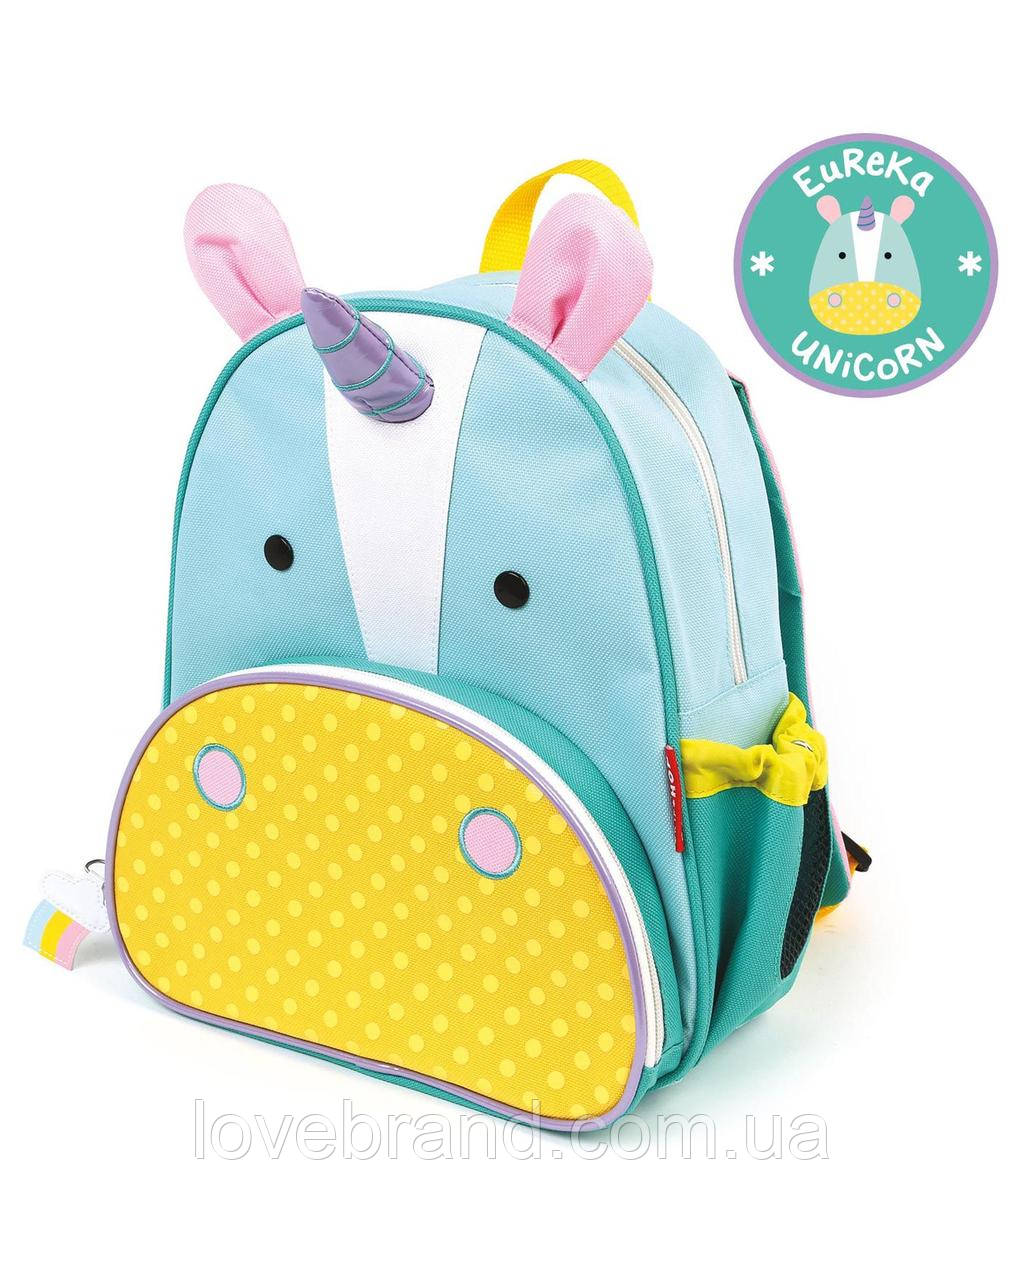 Детский рюкзак SkipHop Единорог для девочки , рюкзачок Скип Хоп с единорогом